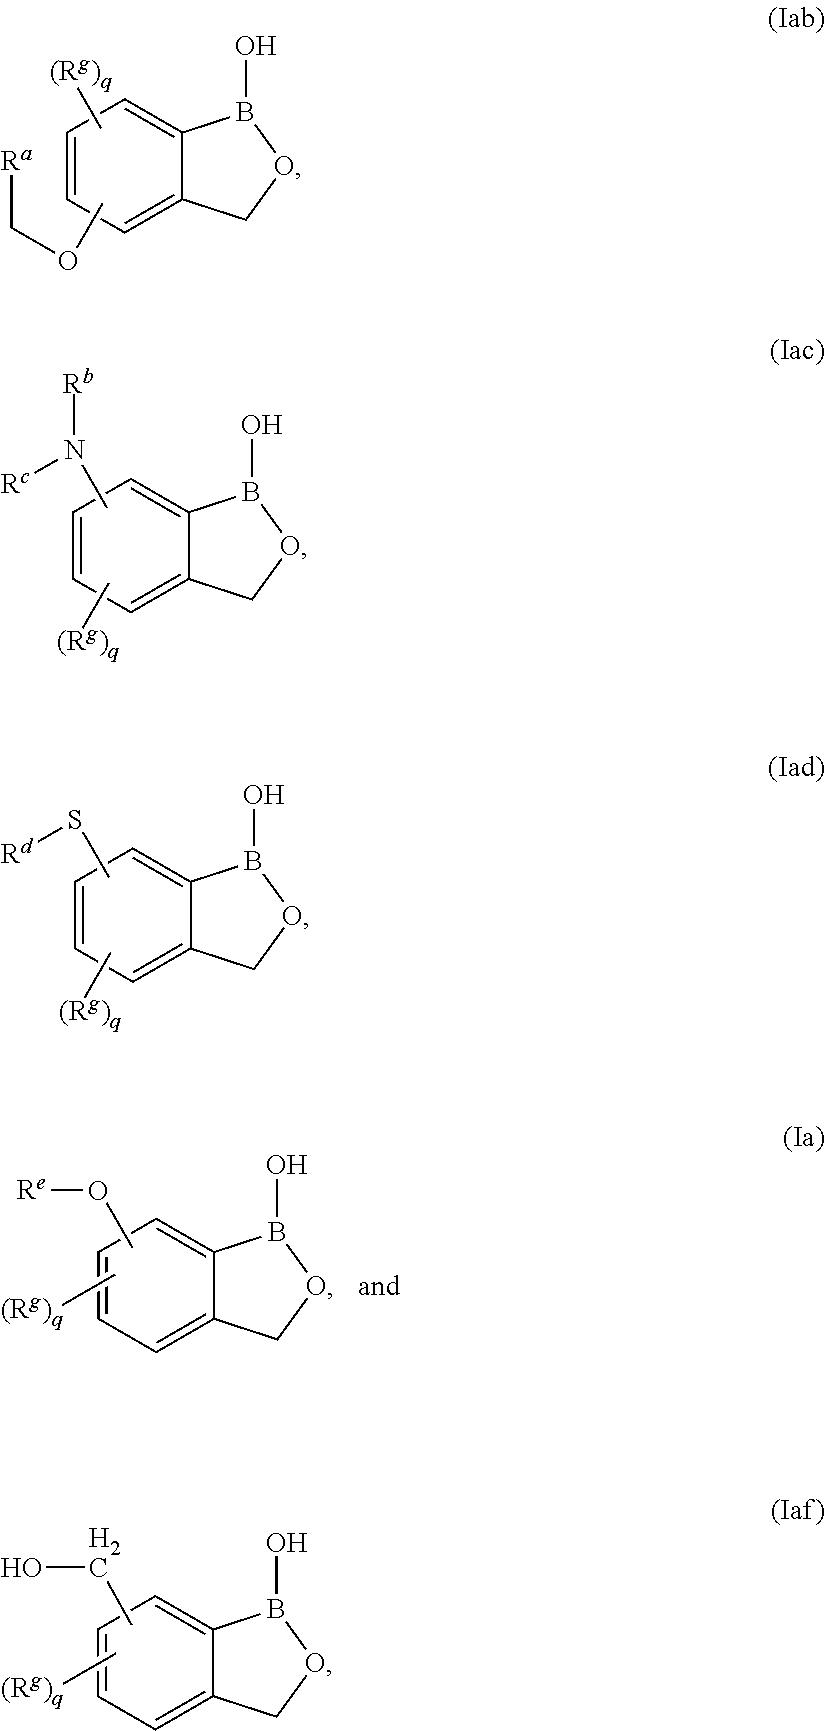 Figure US09566289-20170214-C00016